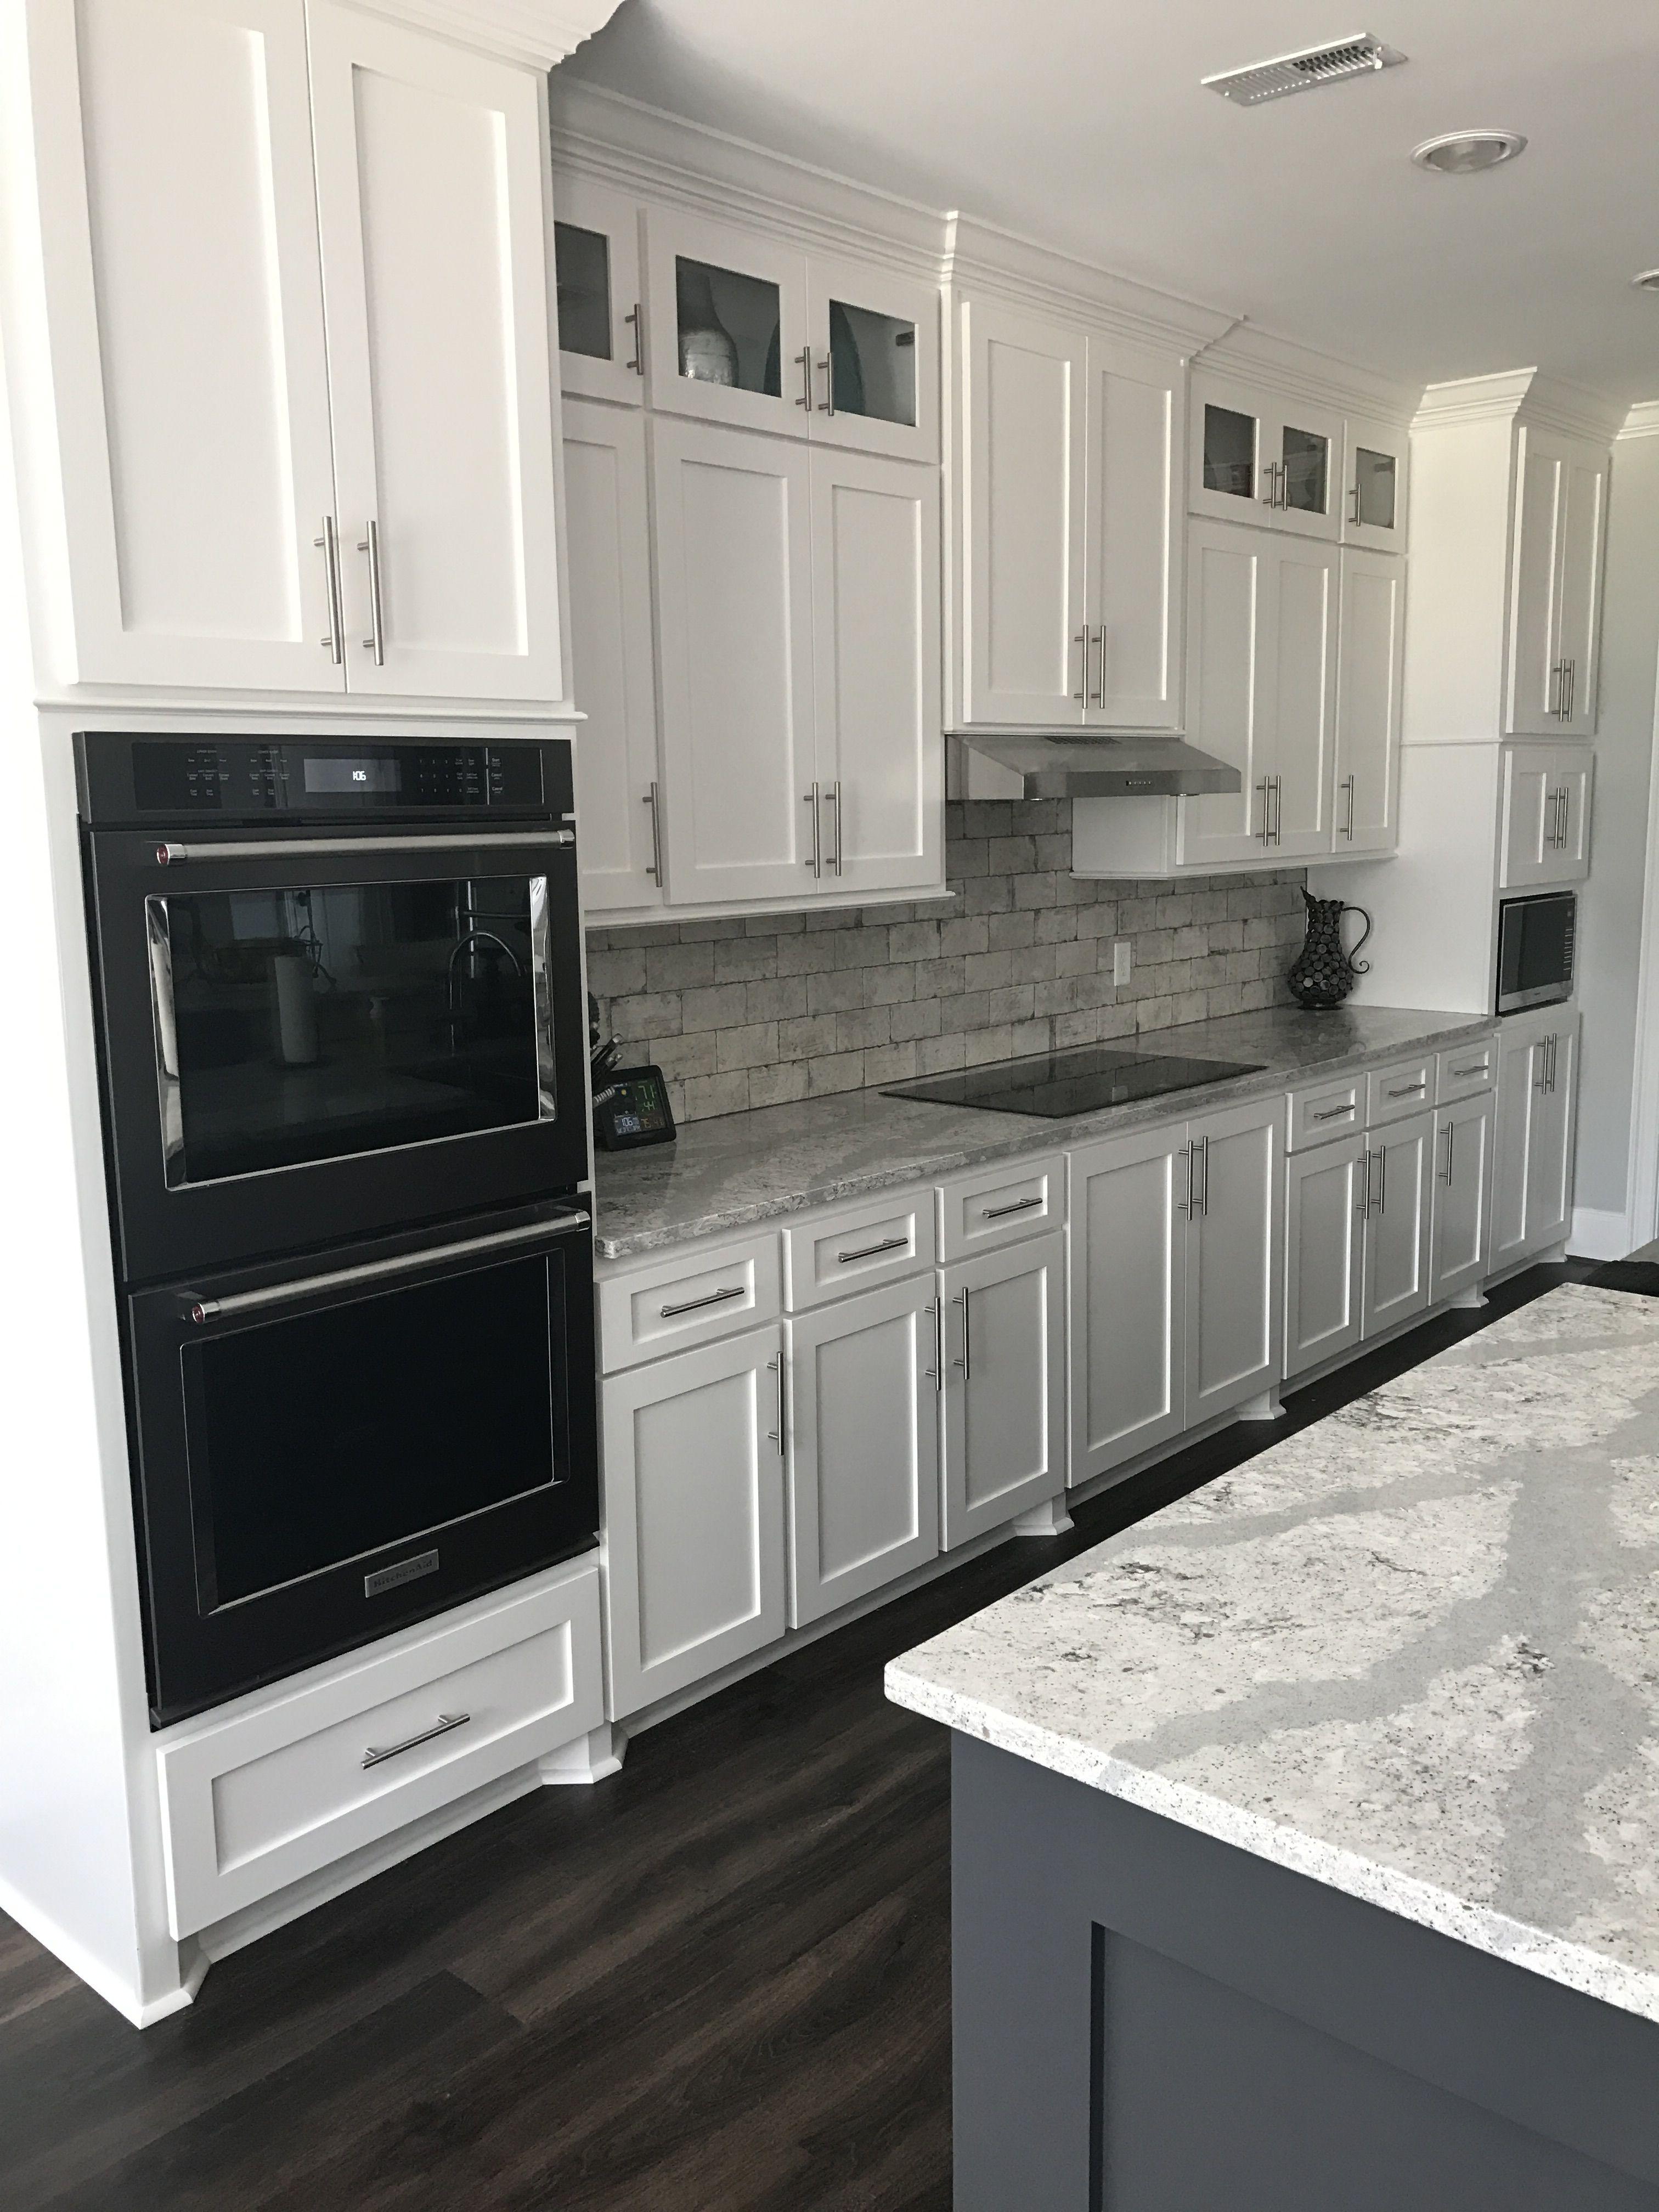 Black stainless Kitchenaid Appliances white